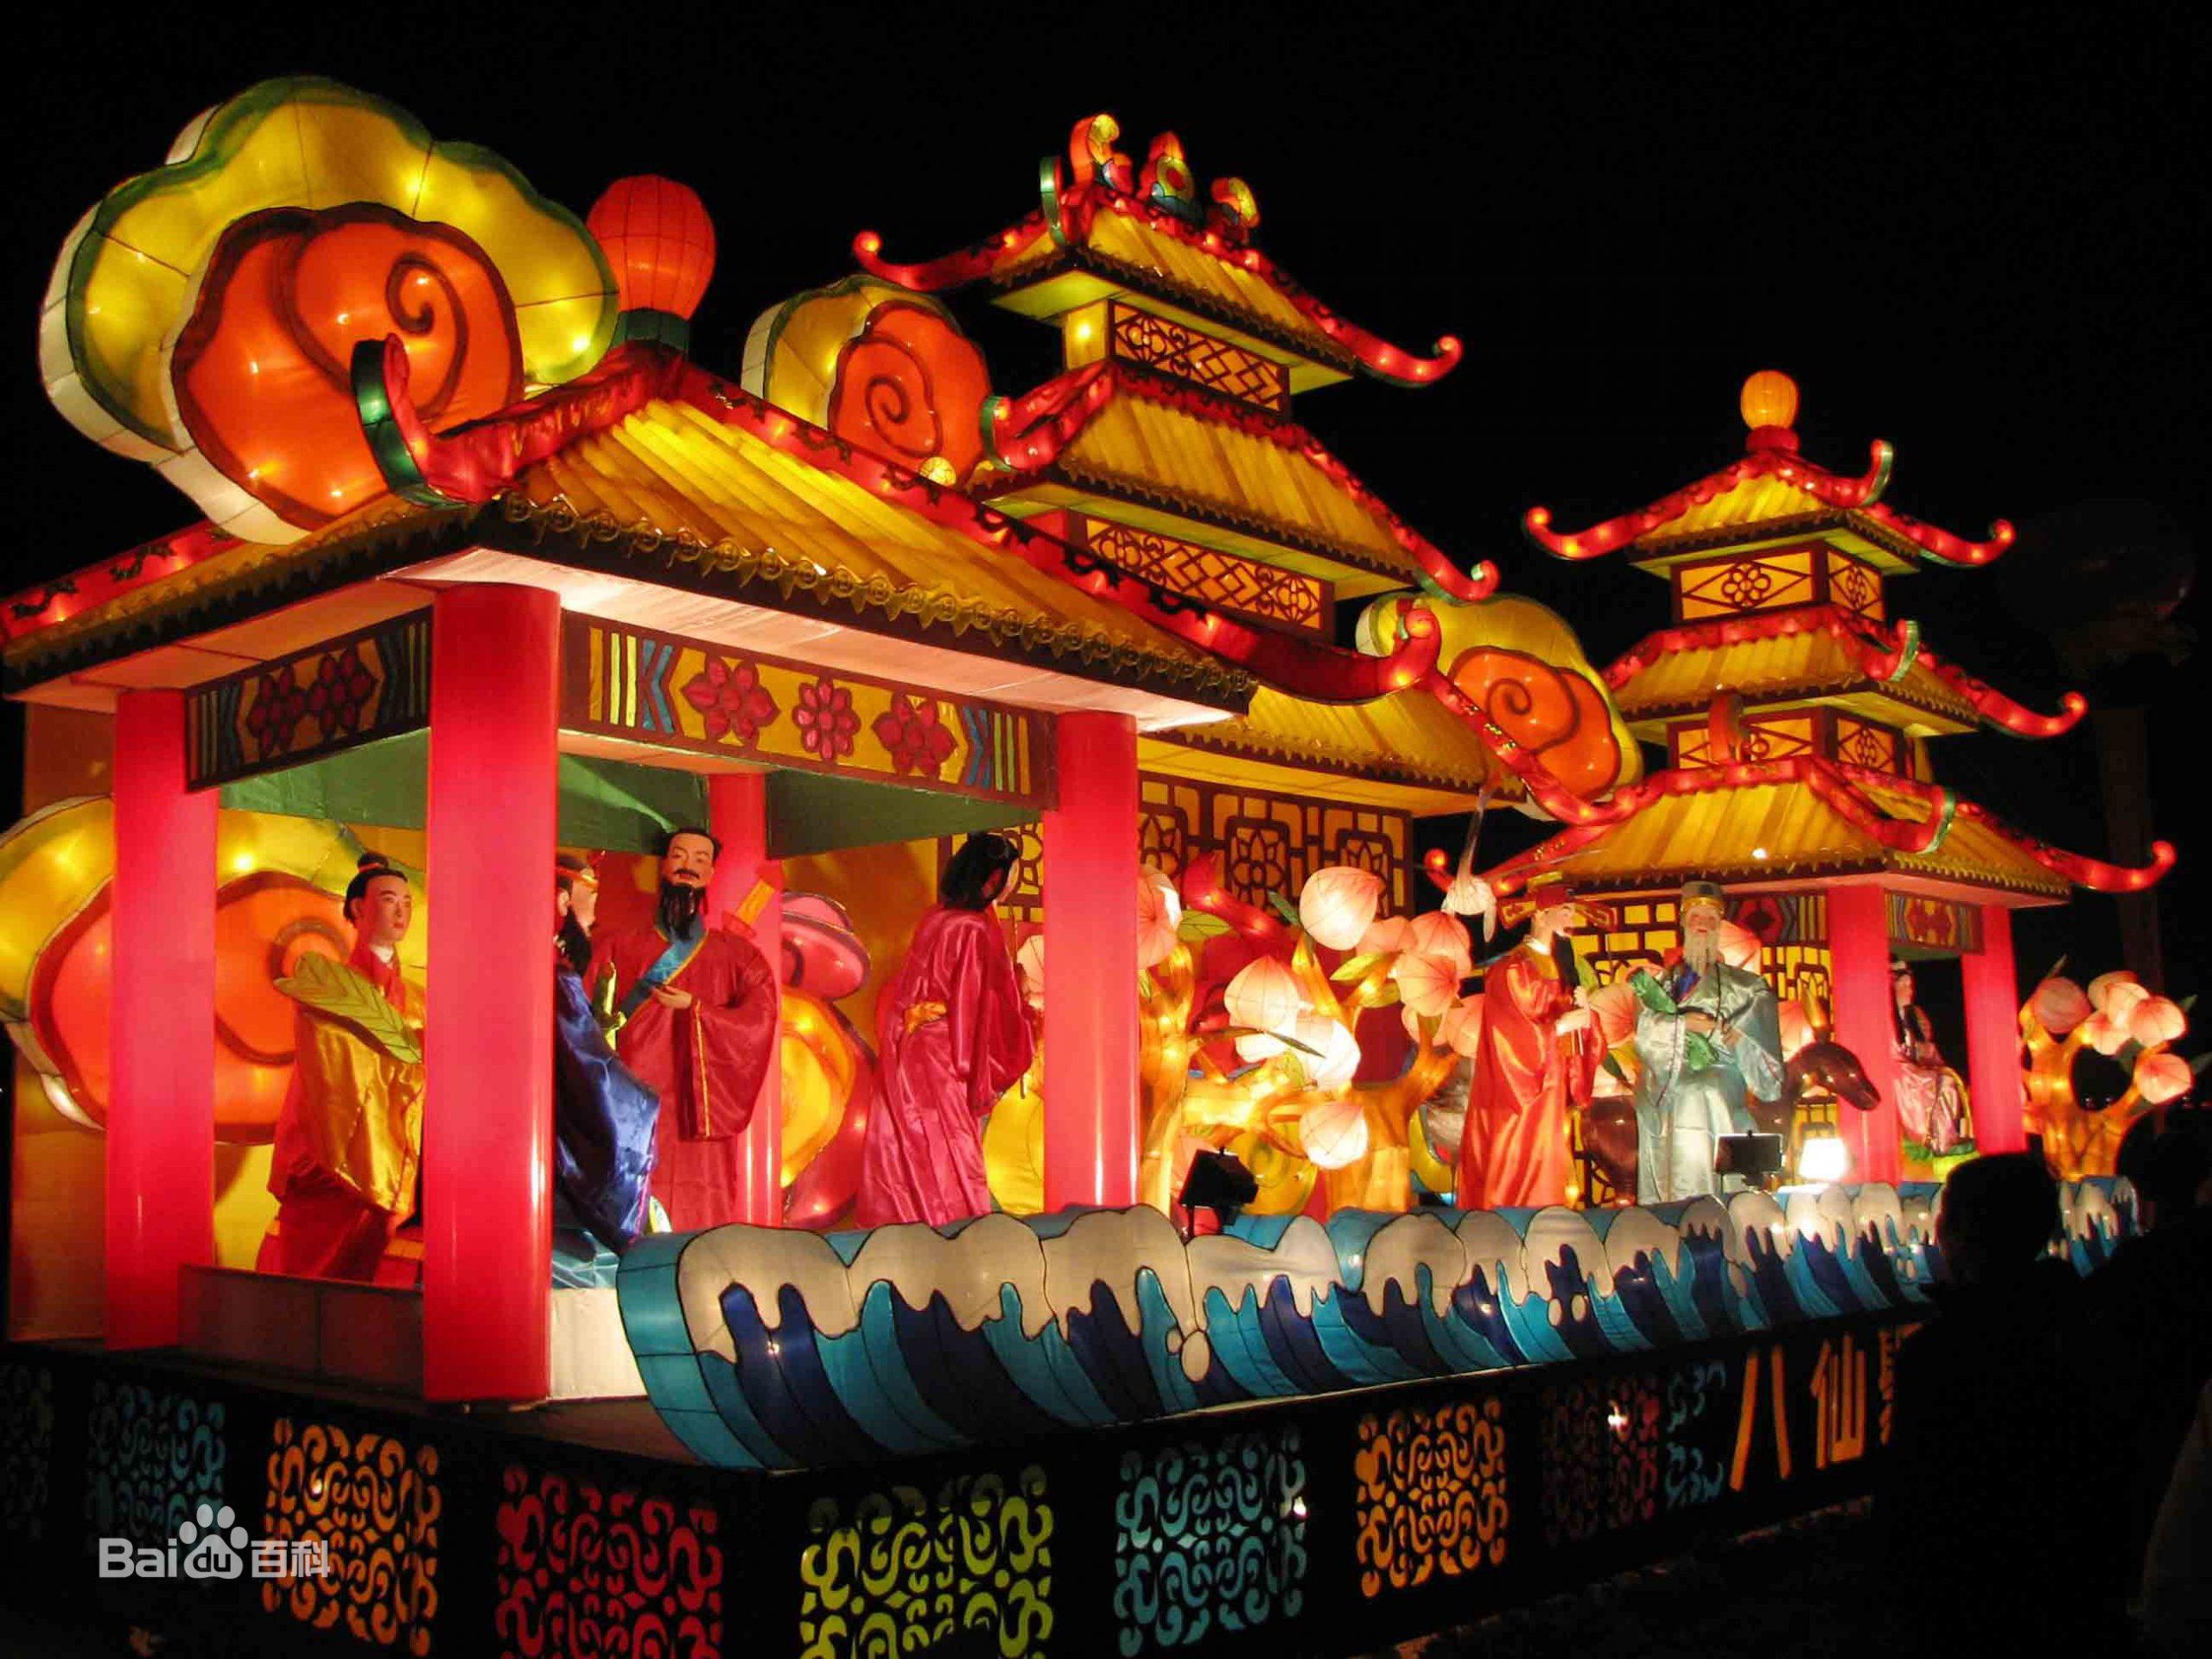 元宵节 (中国传统节日)